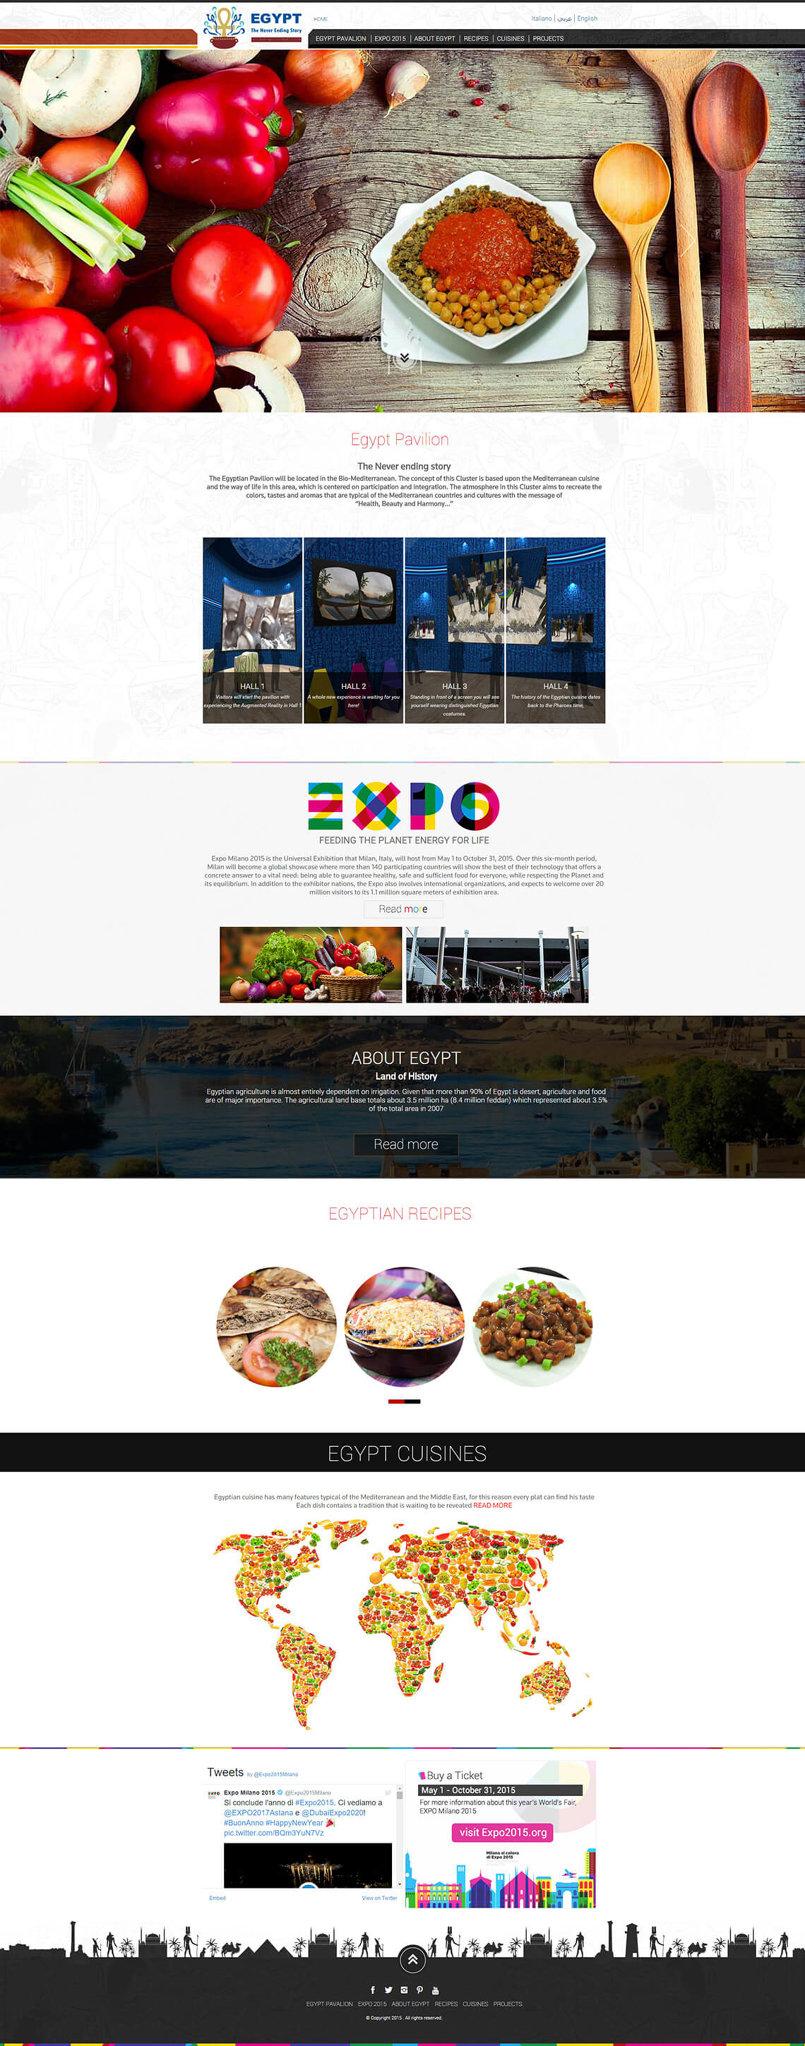 Expo Egypt 2015